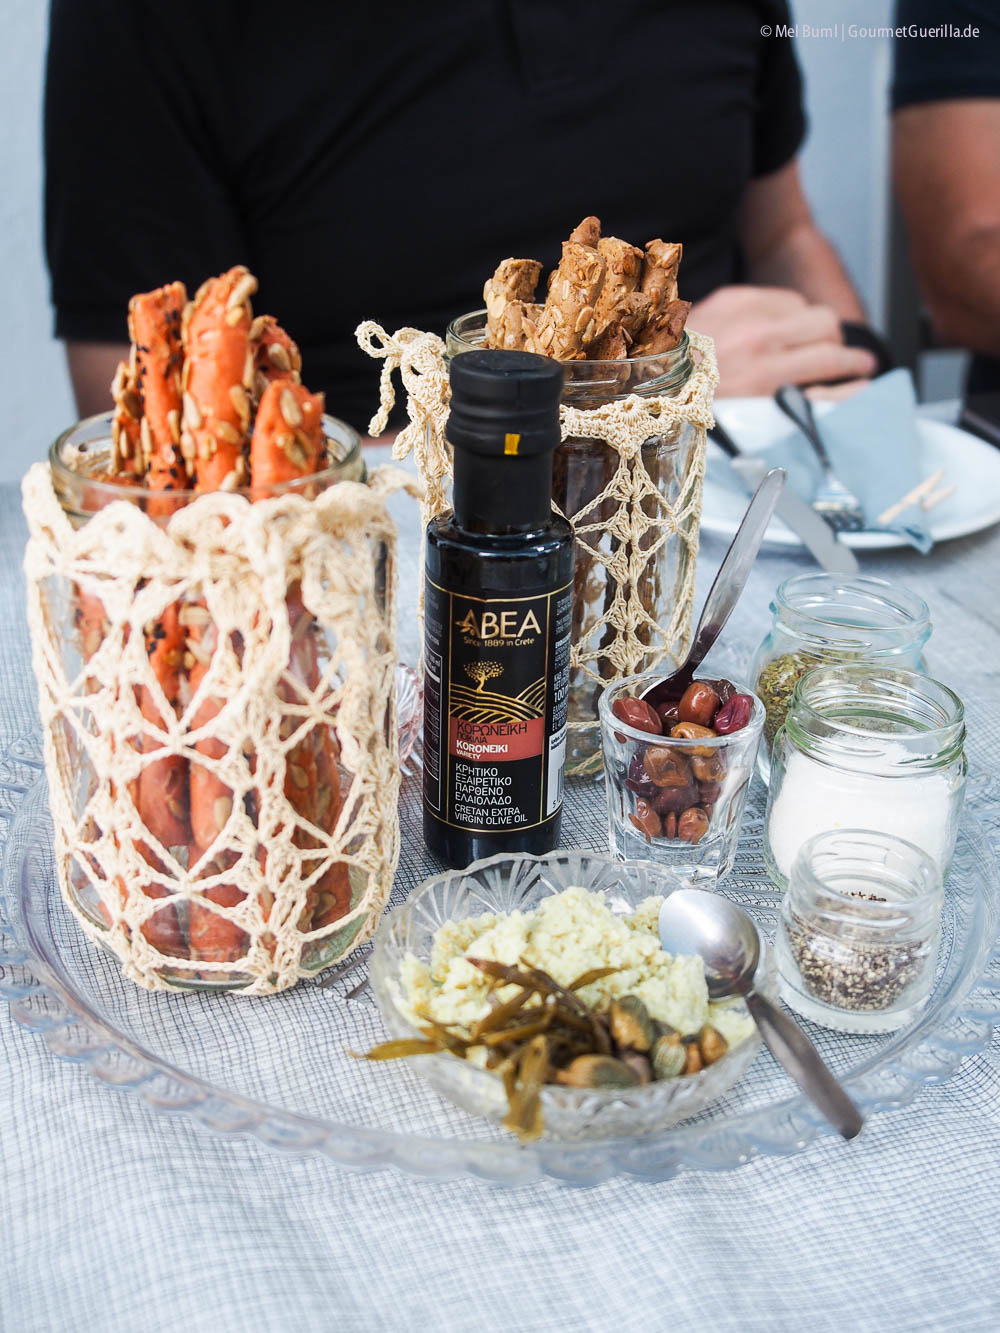 Tinos Foodpaths griechische Inseln Kykladen |GourmetGuerilla.de